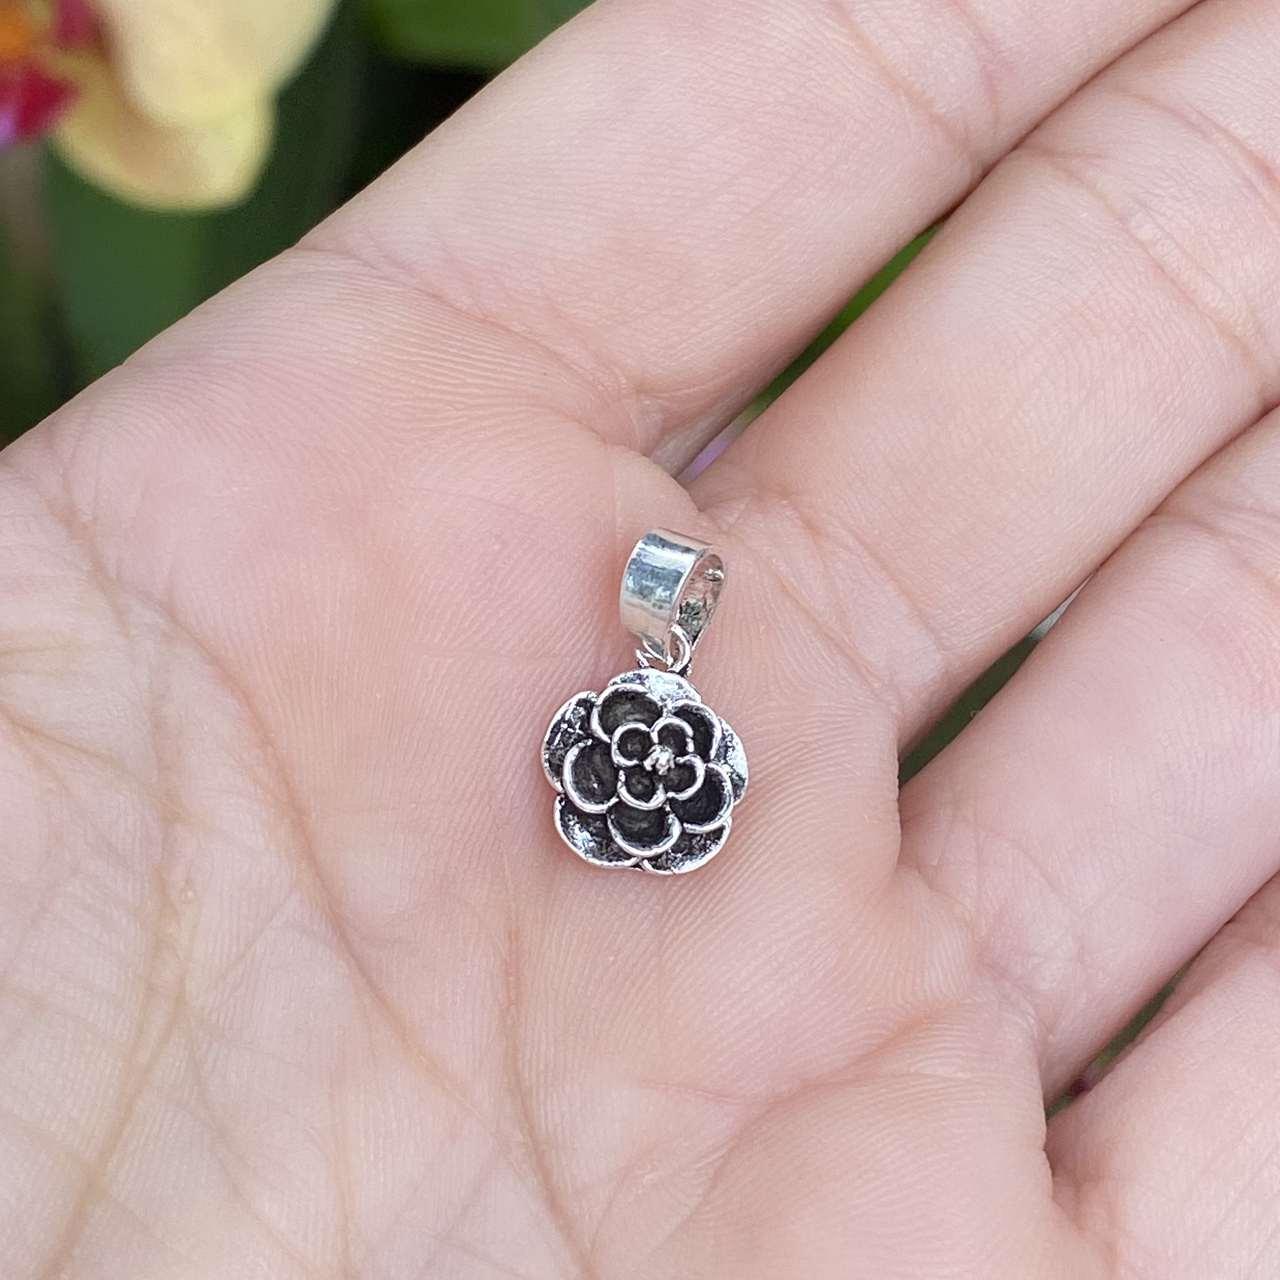 Pingente de Prata 925 Florzinha Envelhecida